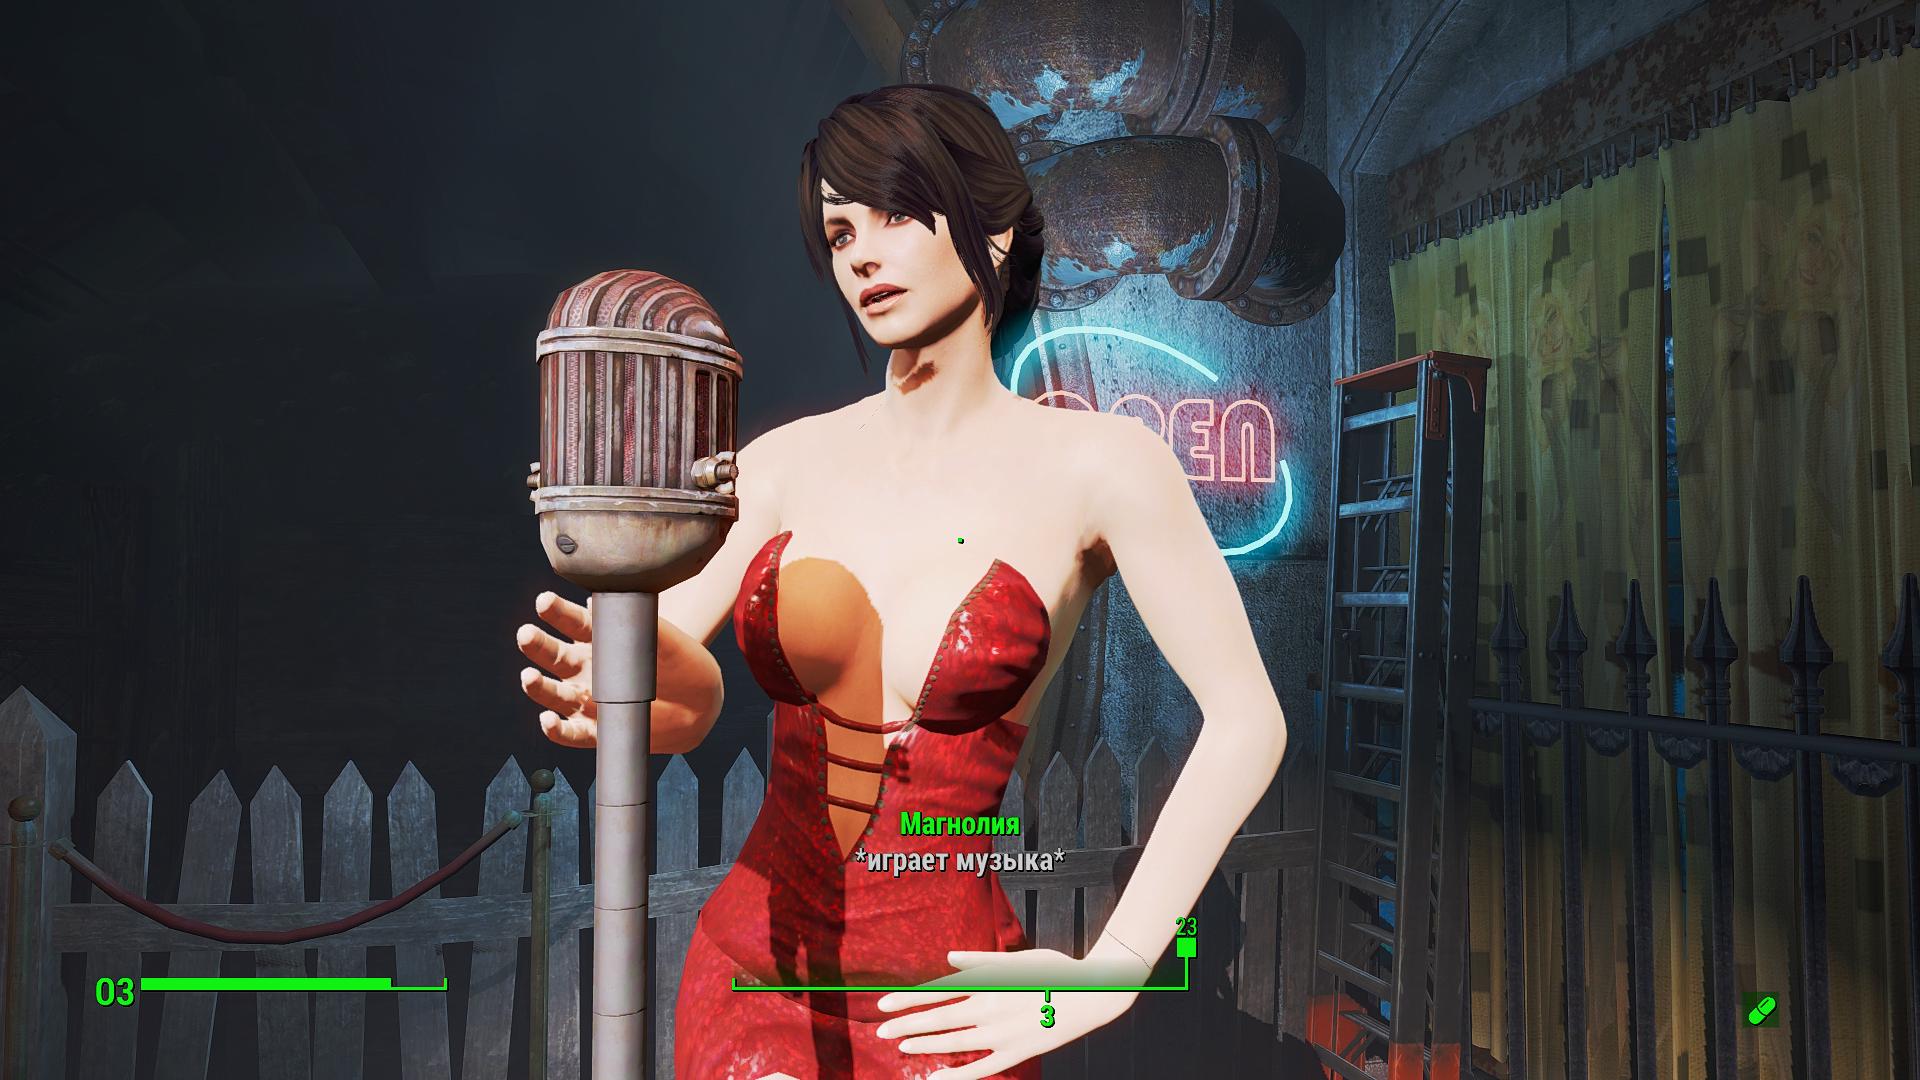 Fallout 4 Screenshot 2019.12.09 - 20.38.05.51.png